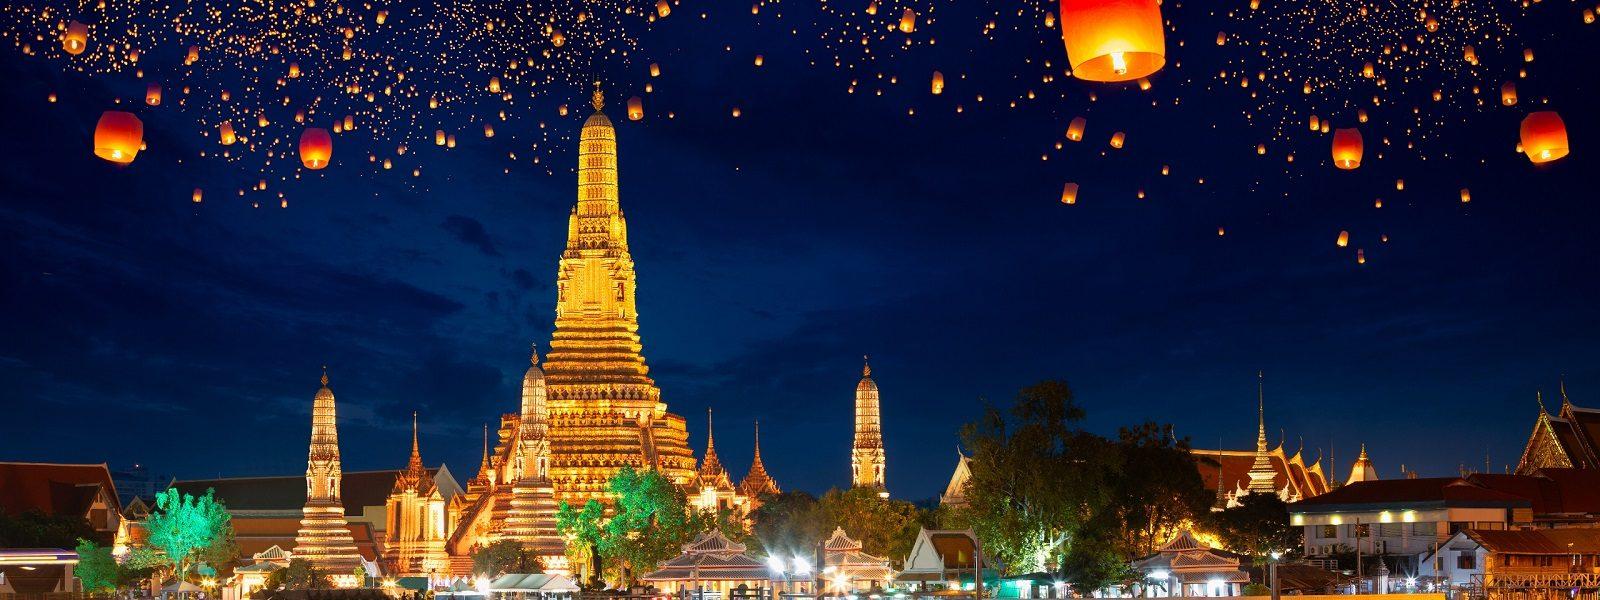 Kinh nghiệm du lịch Thái Lan tự túc, giá rẻ, mới nhất: Du lịch Thái Lan cần lưu ý gì, đi đâu chơi, ăn gì, mua sắm ra sao?